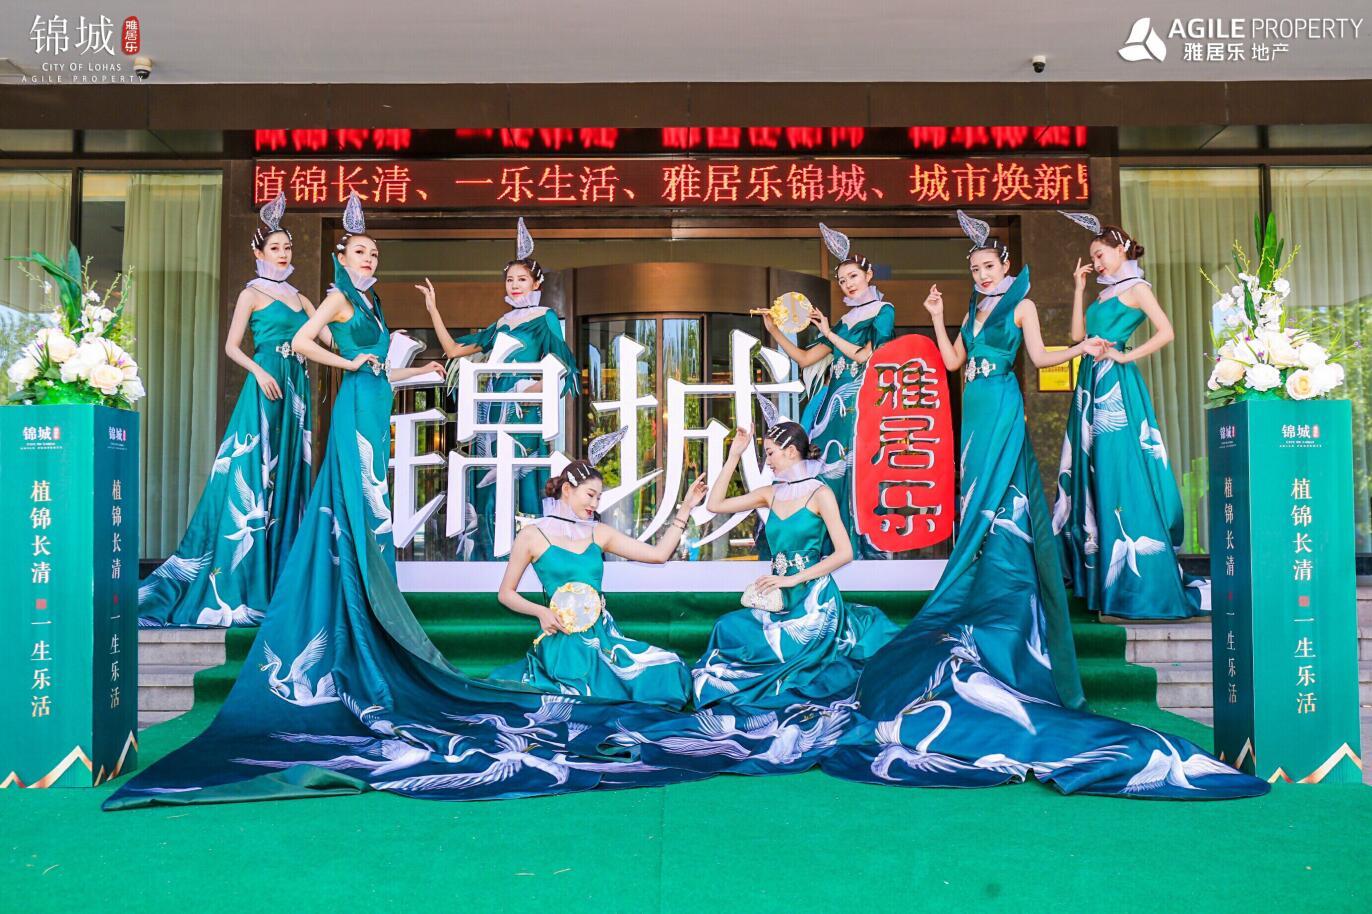 锦城长清模特展览